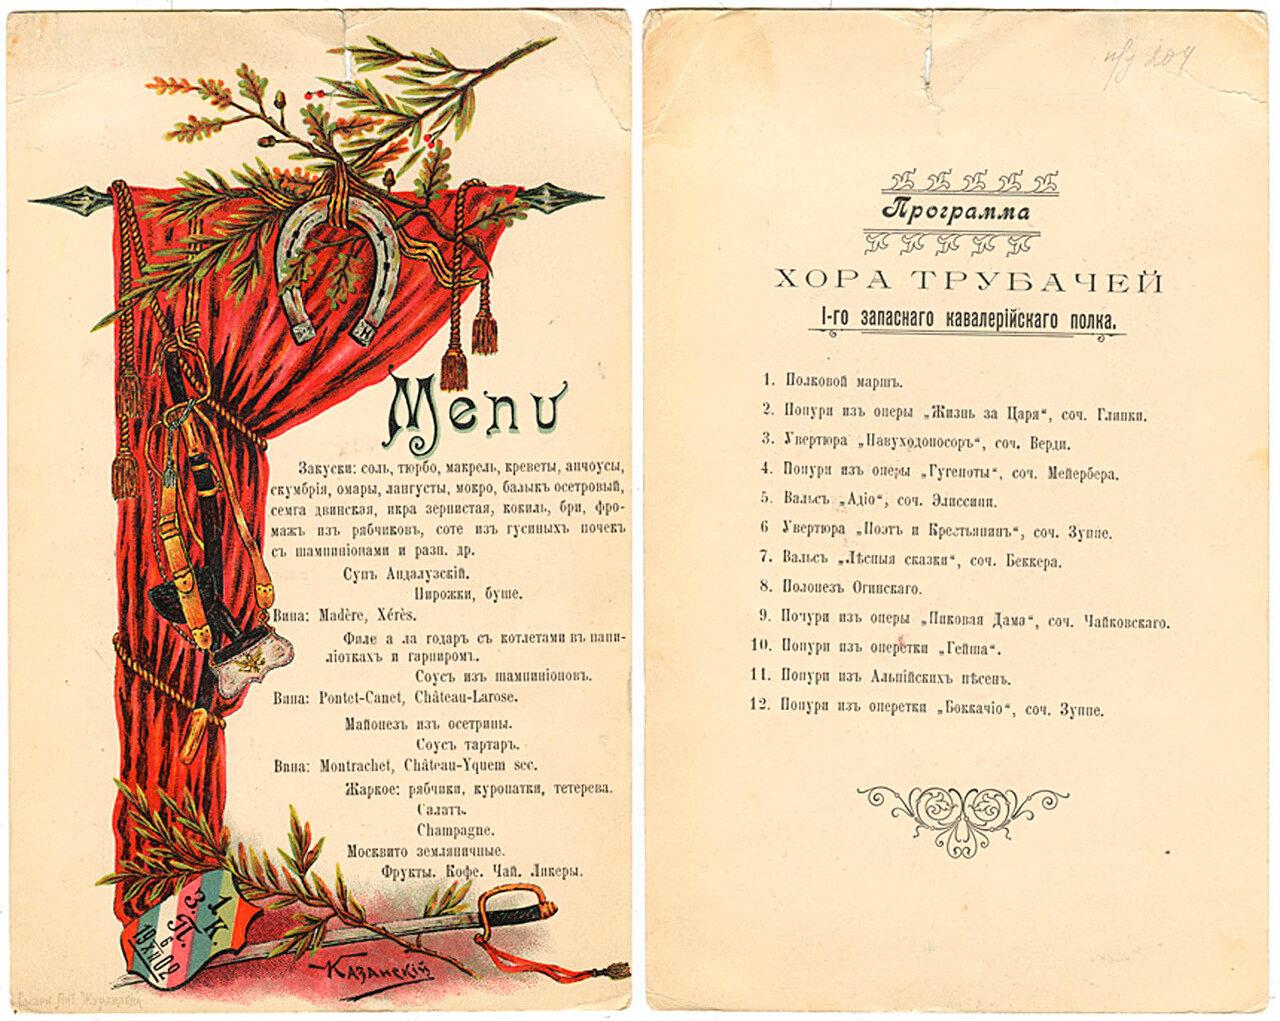 Меню парадного обеда, данного в Сызрани 6 декабря 1902 года офицерским собранием 1-го Запасного Кавалерийского полка